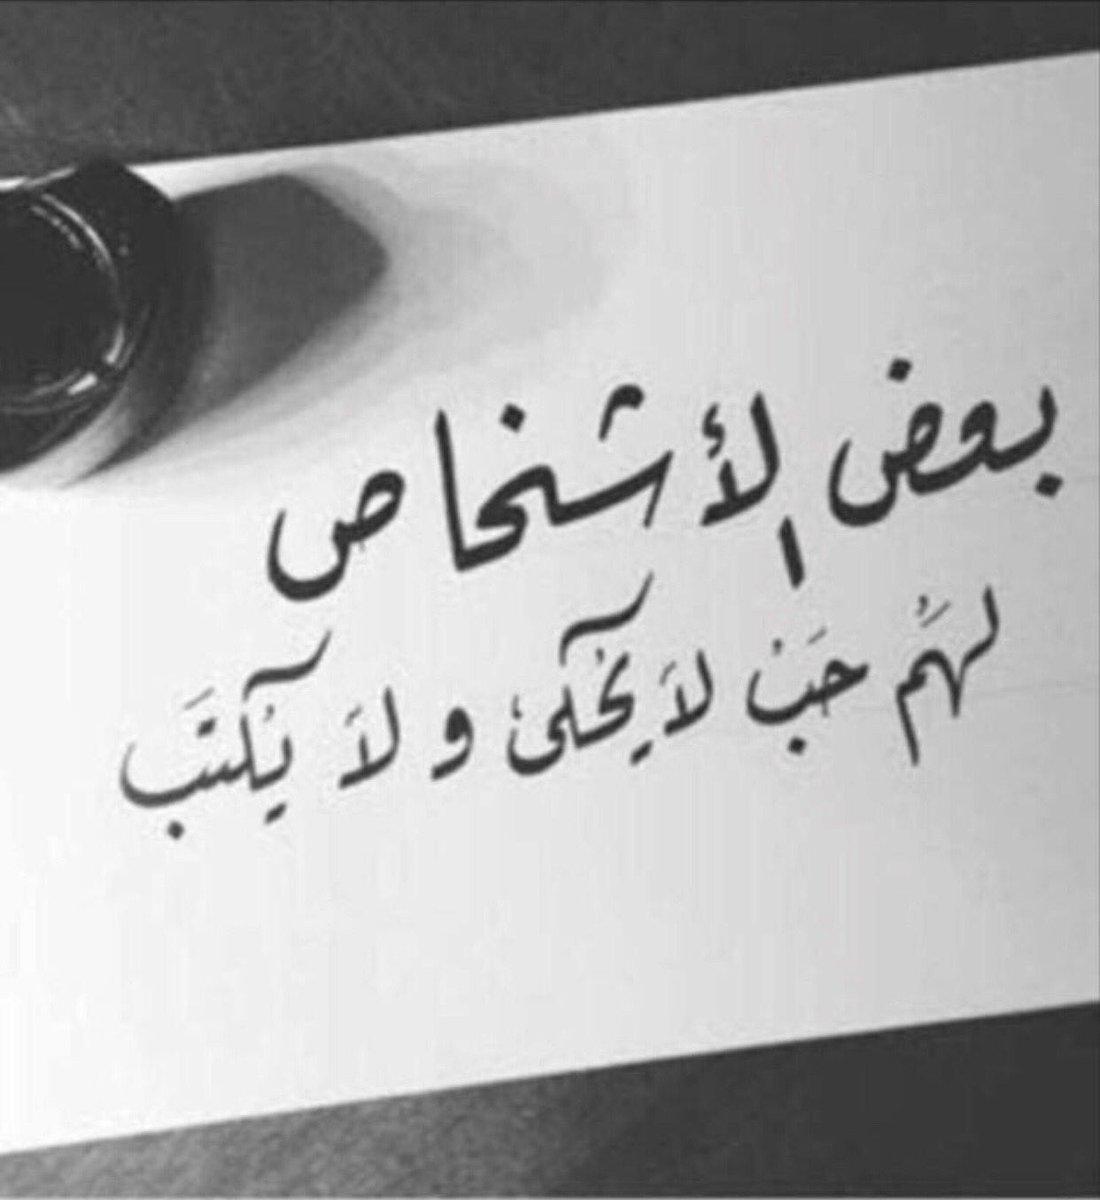 بعض الأشخاص لهم حب لا يحكي ولا يكتب